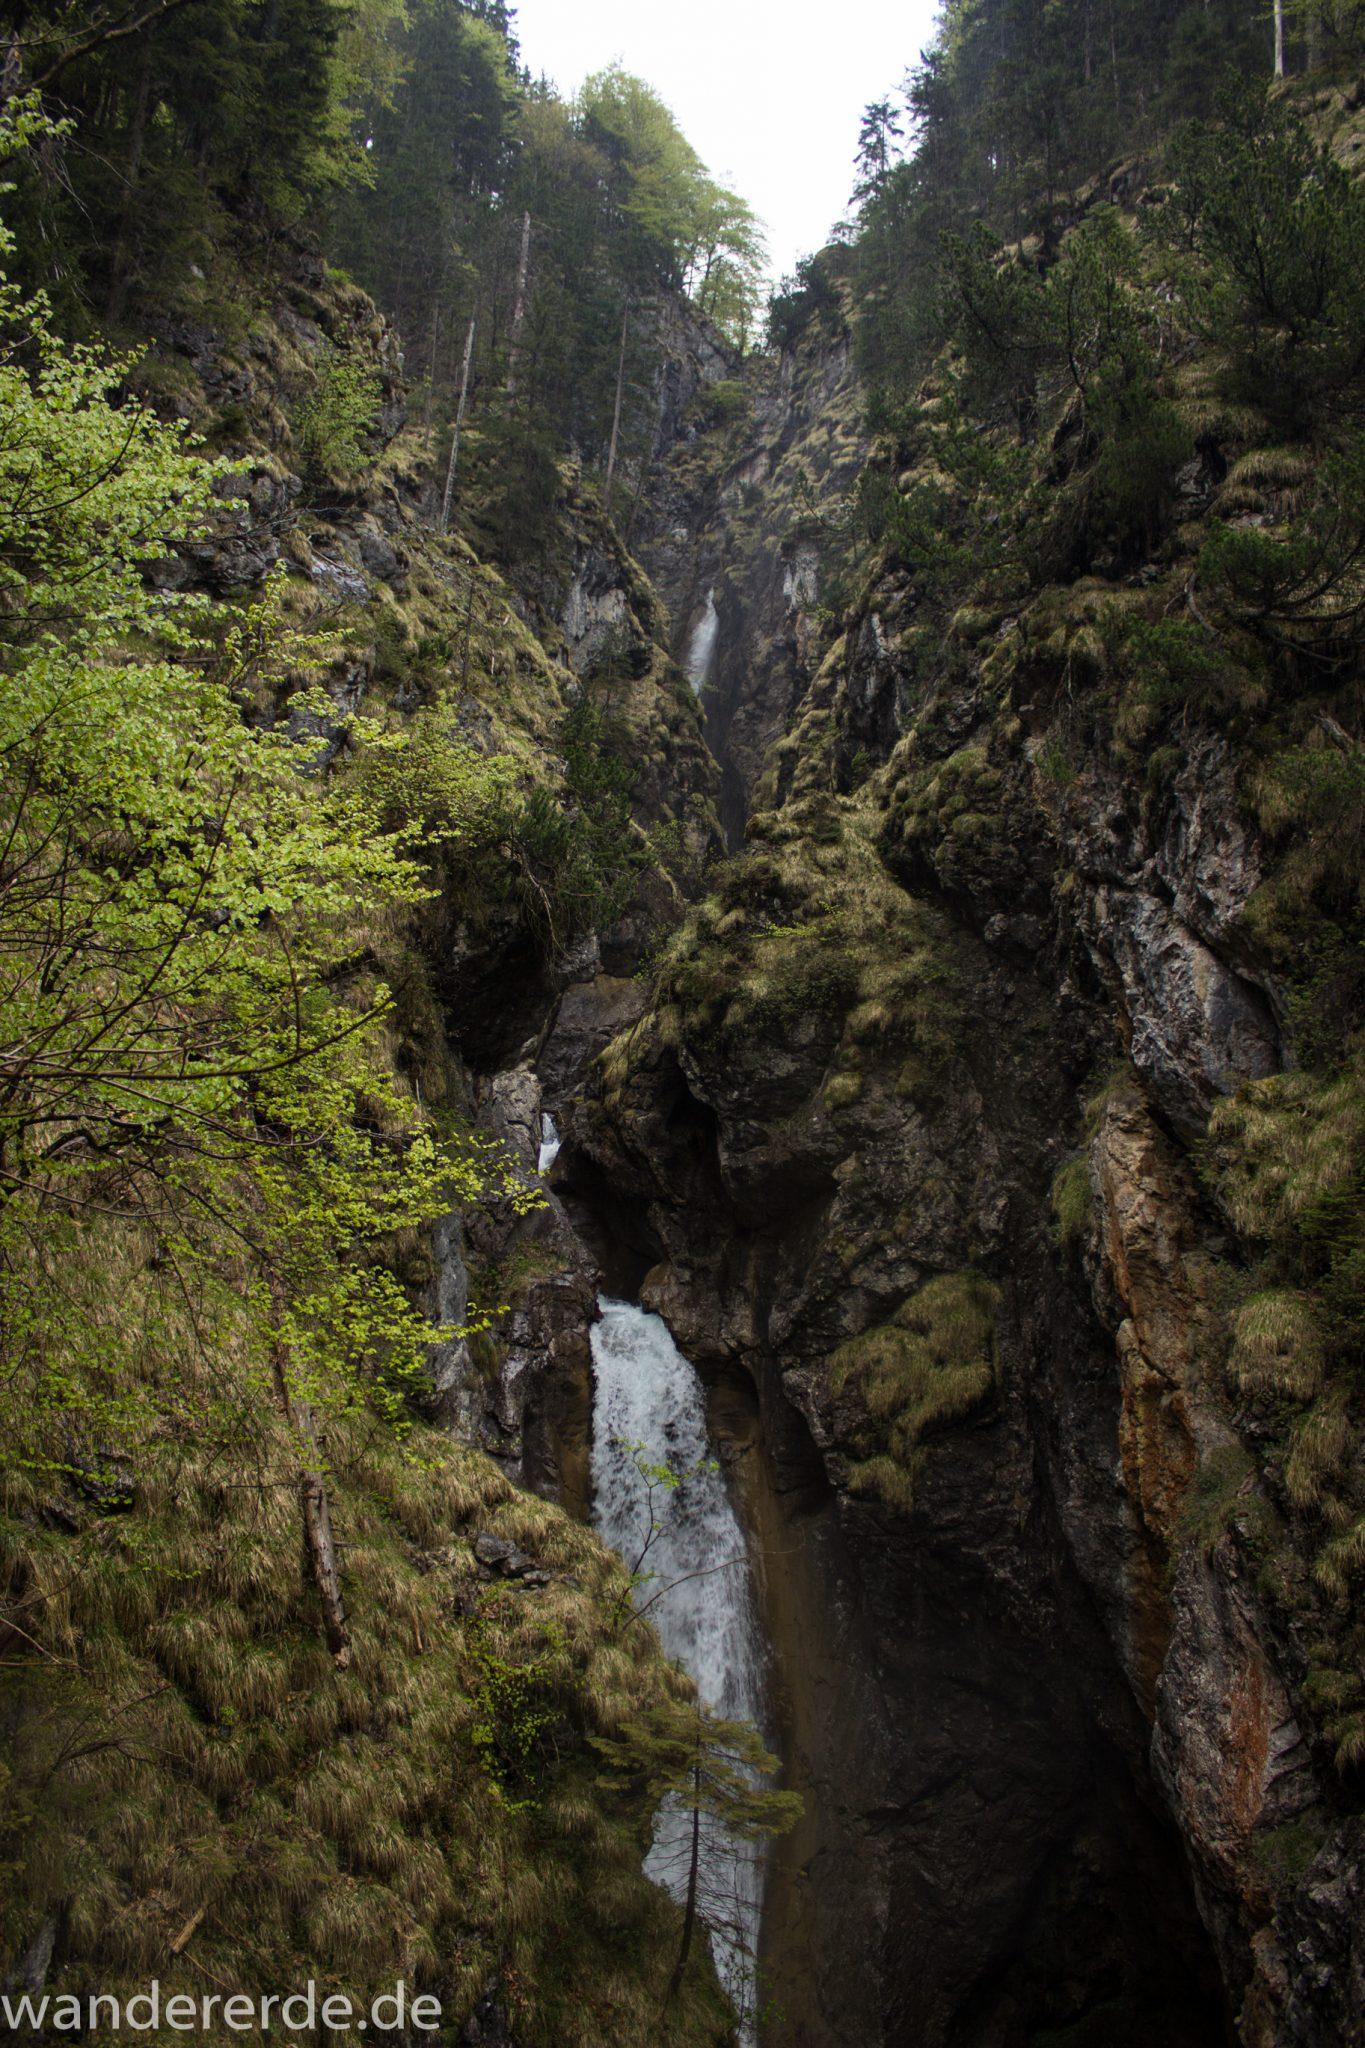 Wanderung Oberstdorf nach Gerstruben im Allgäu, Bayern, Wanderweg führt nach Bergbauerndorf Gerstruben über sehr empfehlenswerten aber steilen Weg Hölltobel mit Wasserfällen wieder abwärts, sehr beeindruckender Wasserfall